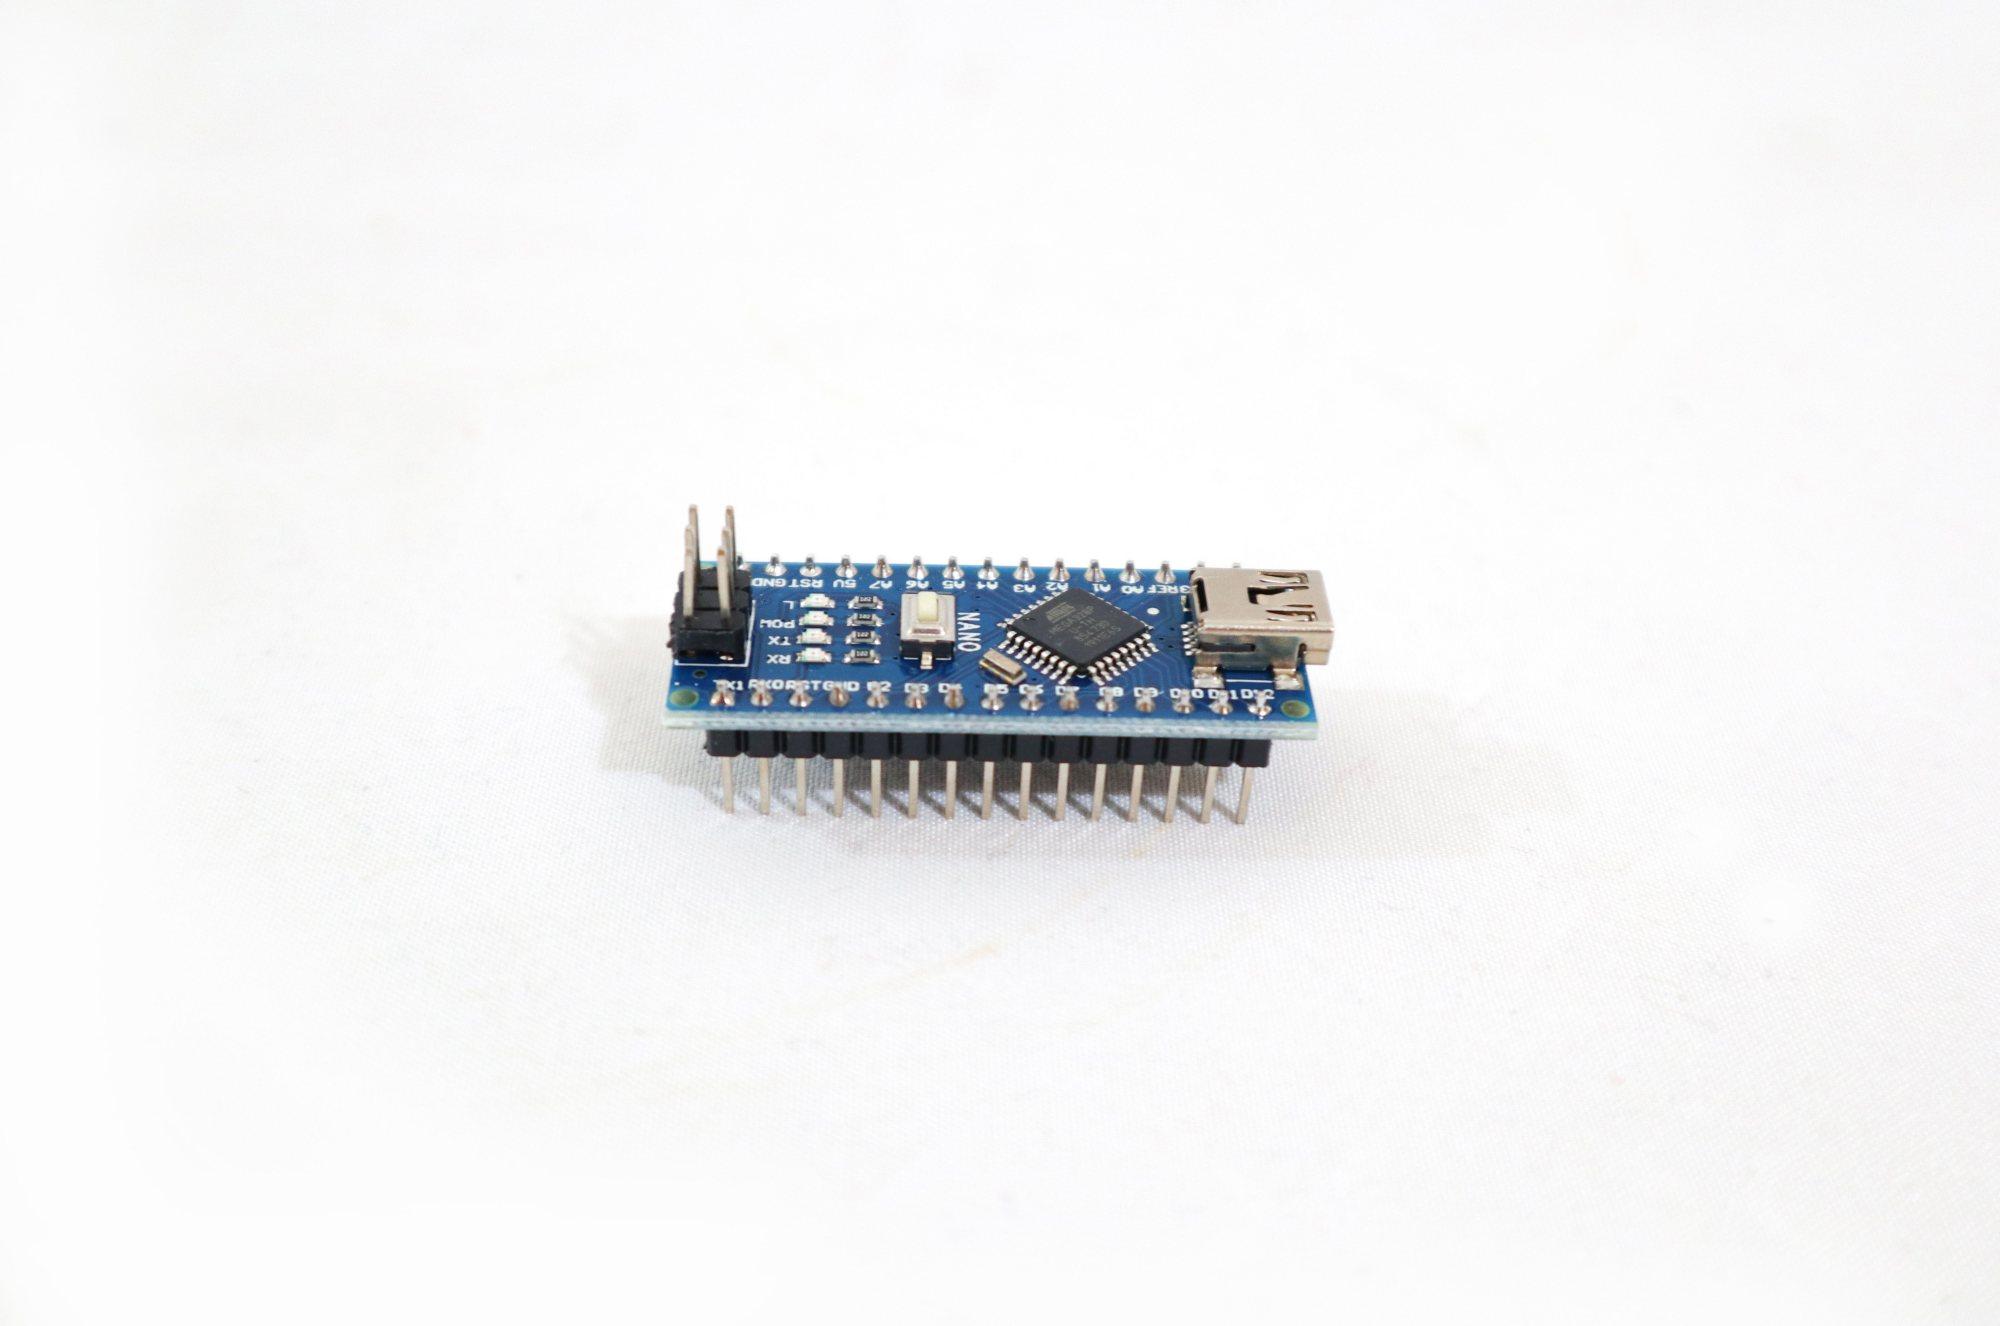 小米澎湃芯片最新消息处理器还在继续研发吗?将在3月29日推出新款自研芯片